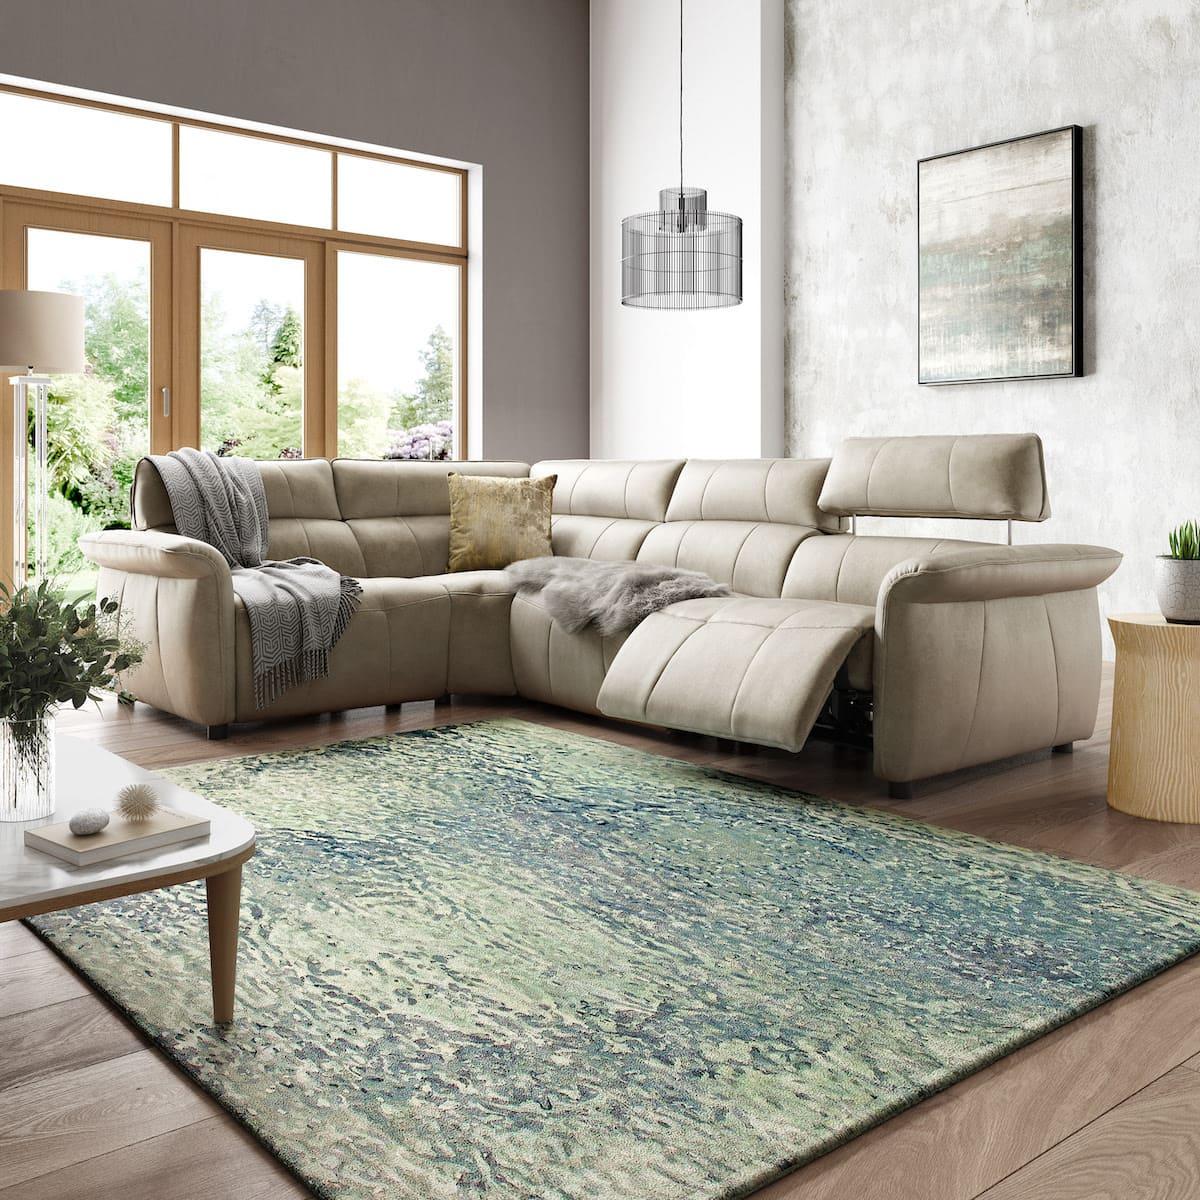 design d'intérieur d'un appartement à la mode photo 21